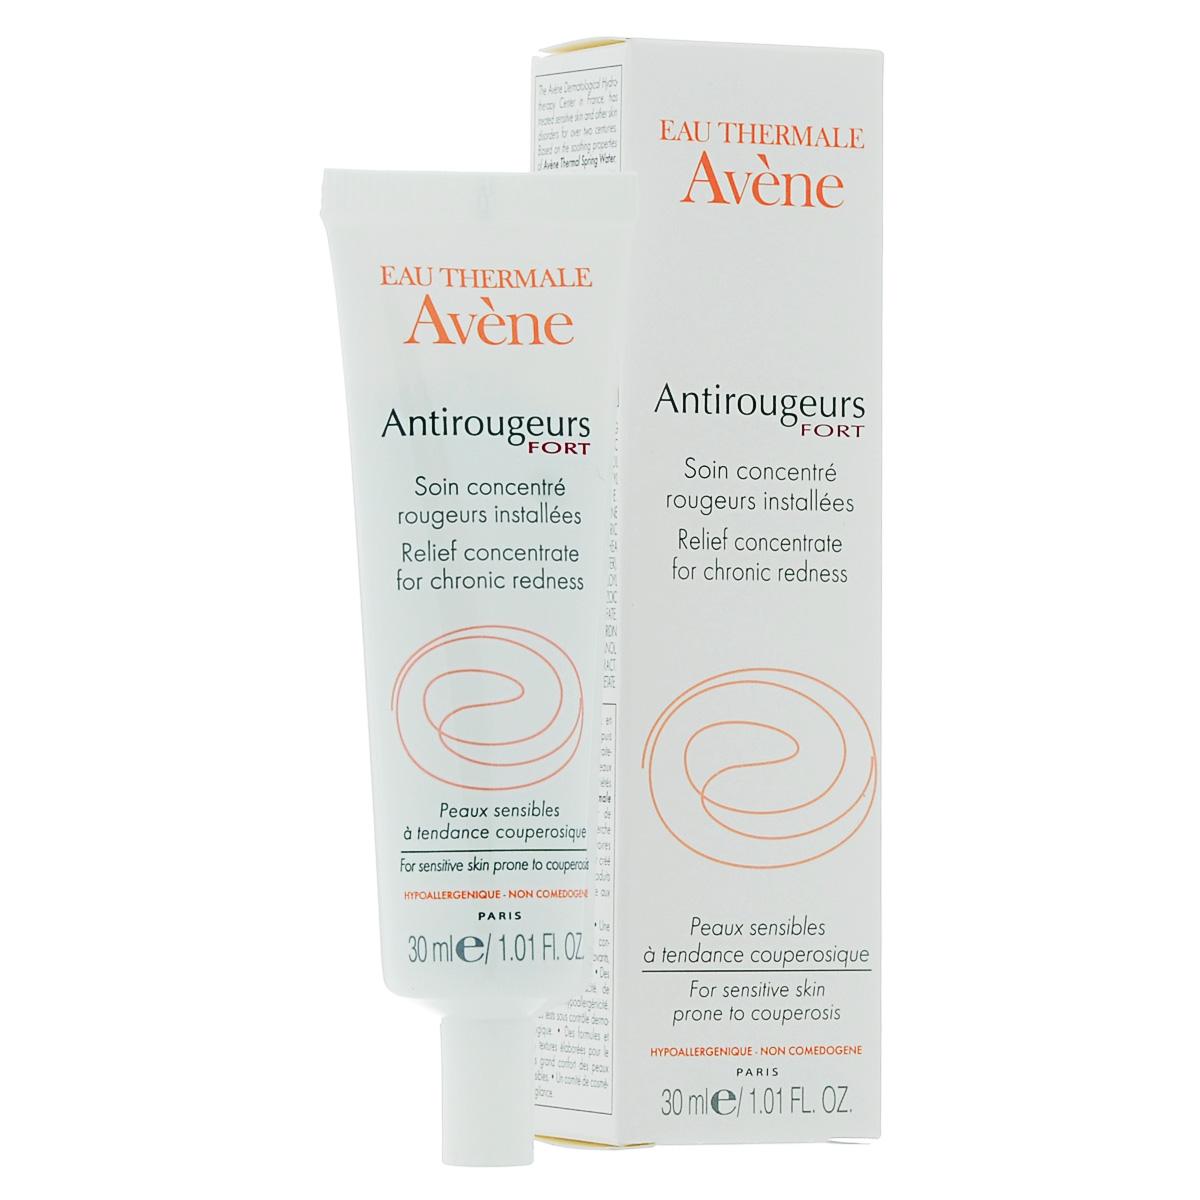 Avene Крем от купероза Anti-rougeurs Плюс для лица и тела 30 млC31074Уменьшает выраженность капиллярной сеточки, успокаивает кожу, подавляет неоангиогенез, зеленоватый цвет крема позволяет скрыть красноту кожи. Лечебное средство для чувствительной кожи с локальным покраснениям и с заметной капиллярной сеточкой